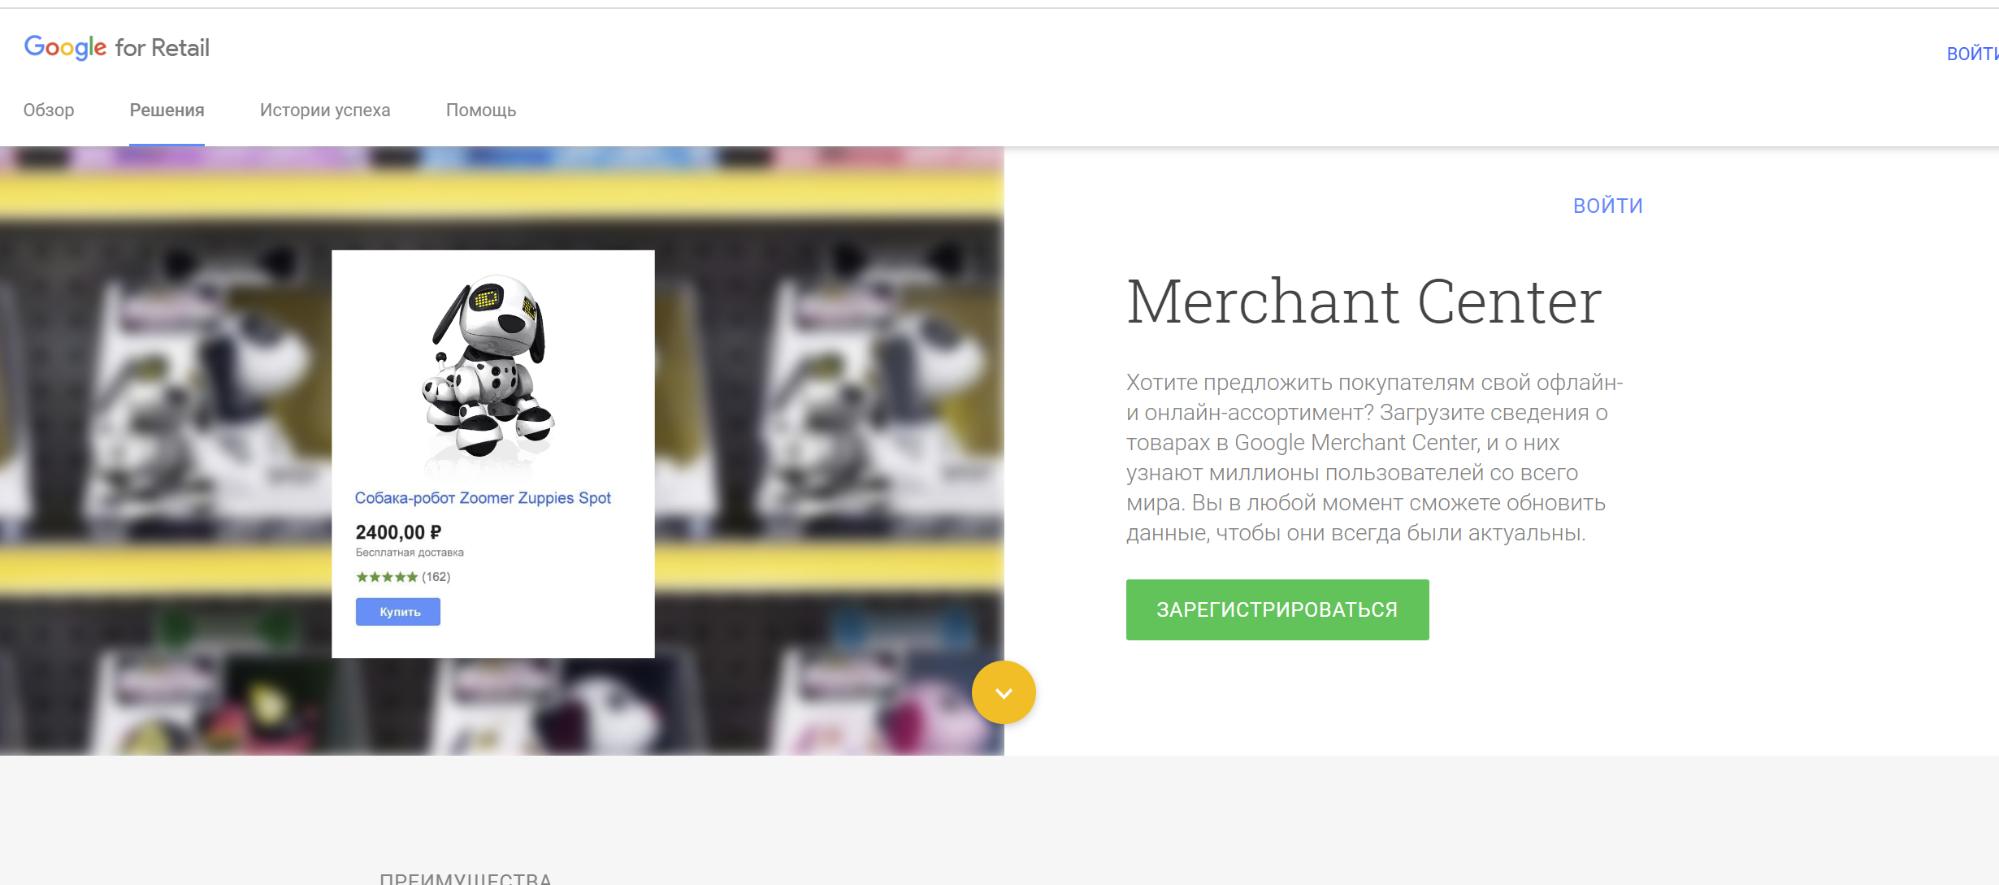 Merchant Center